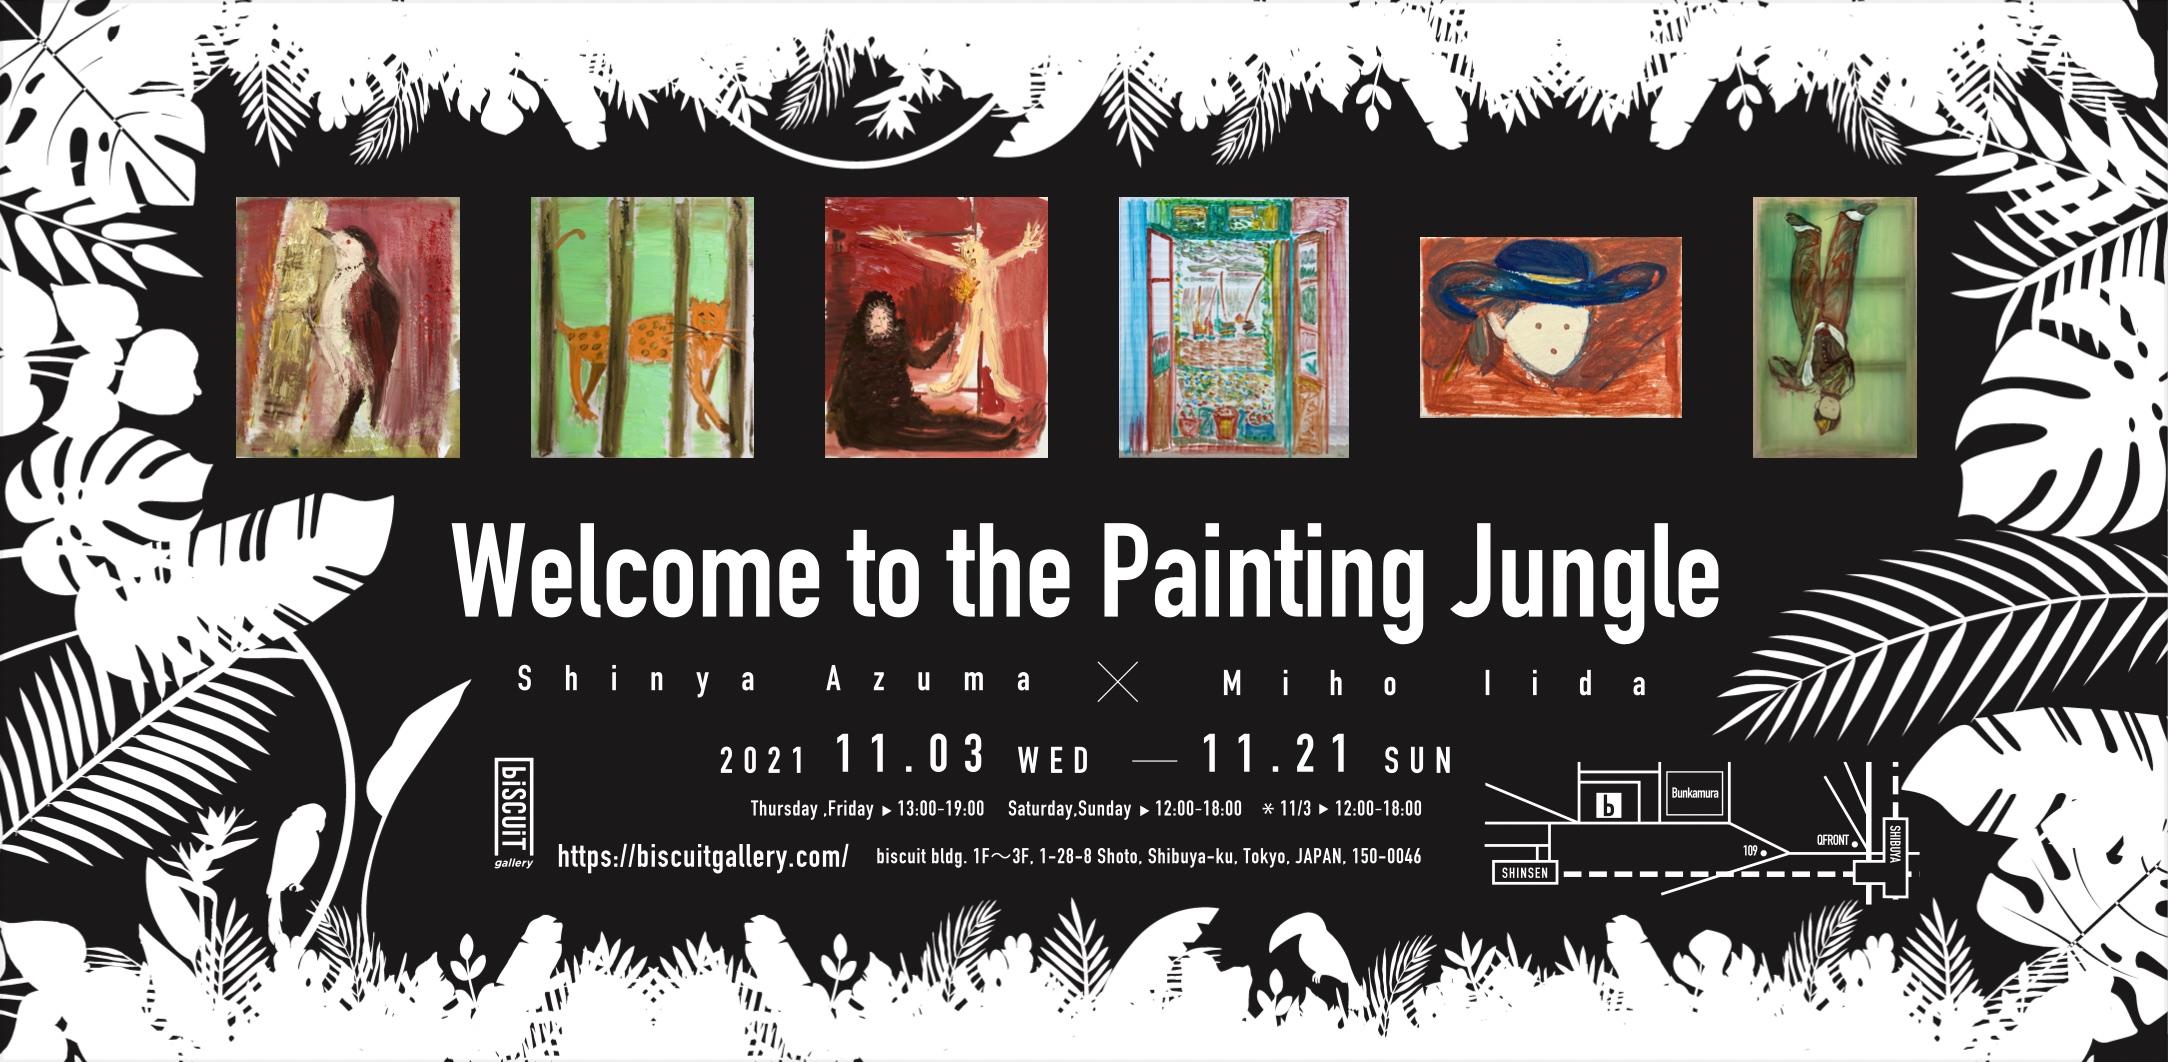 【2人展】東慎也×飯田美穂「Welcome to the Painting Jungle」